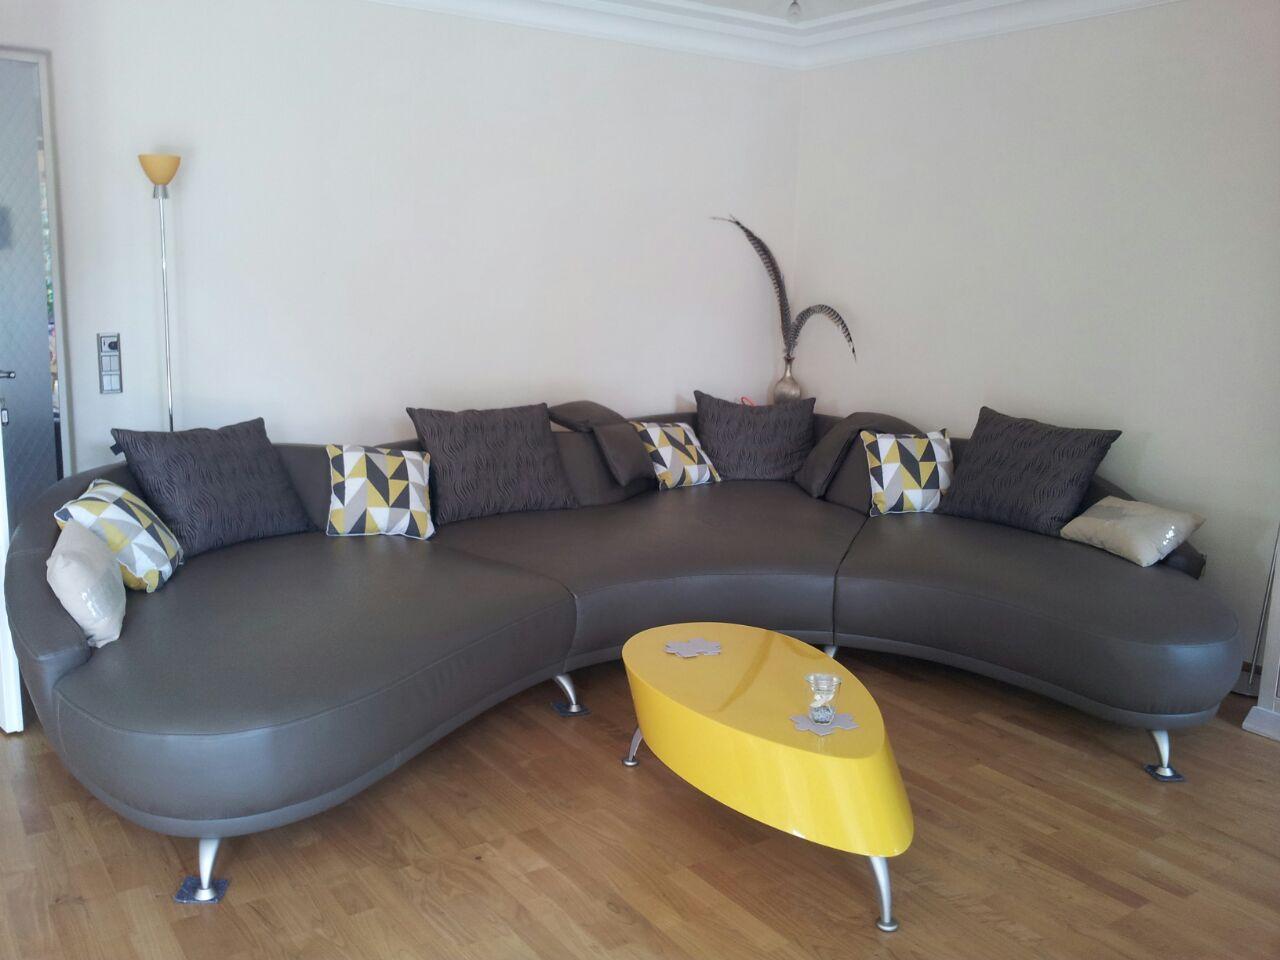 weltle polsterei eine weitere wordpress seite. Black Bedroom Furniture Sets. Home Design Ideas